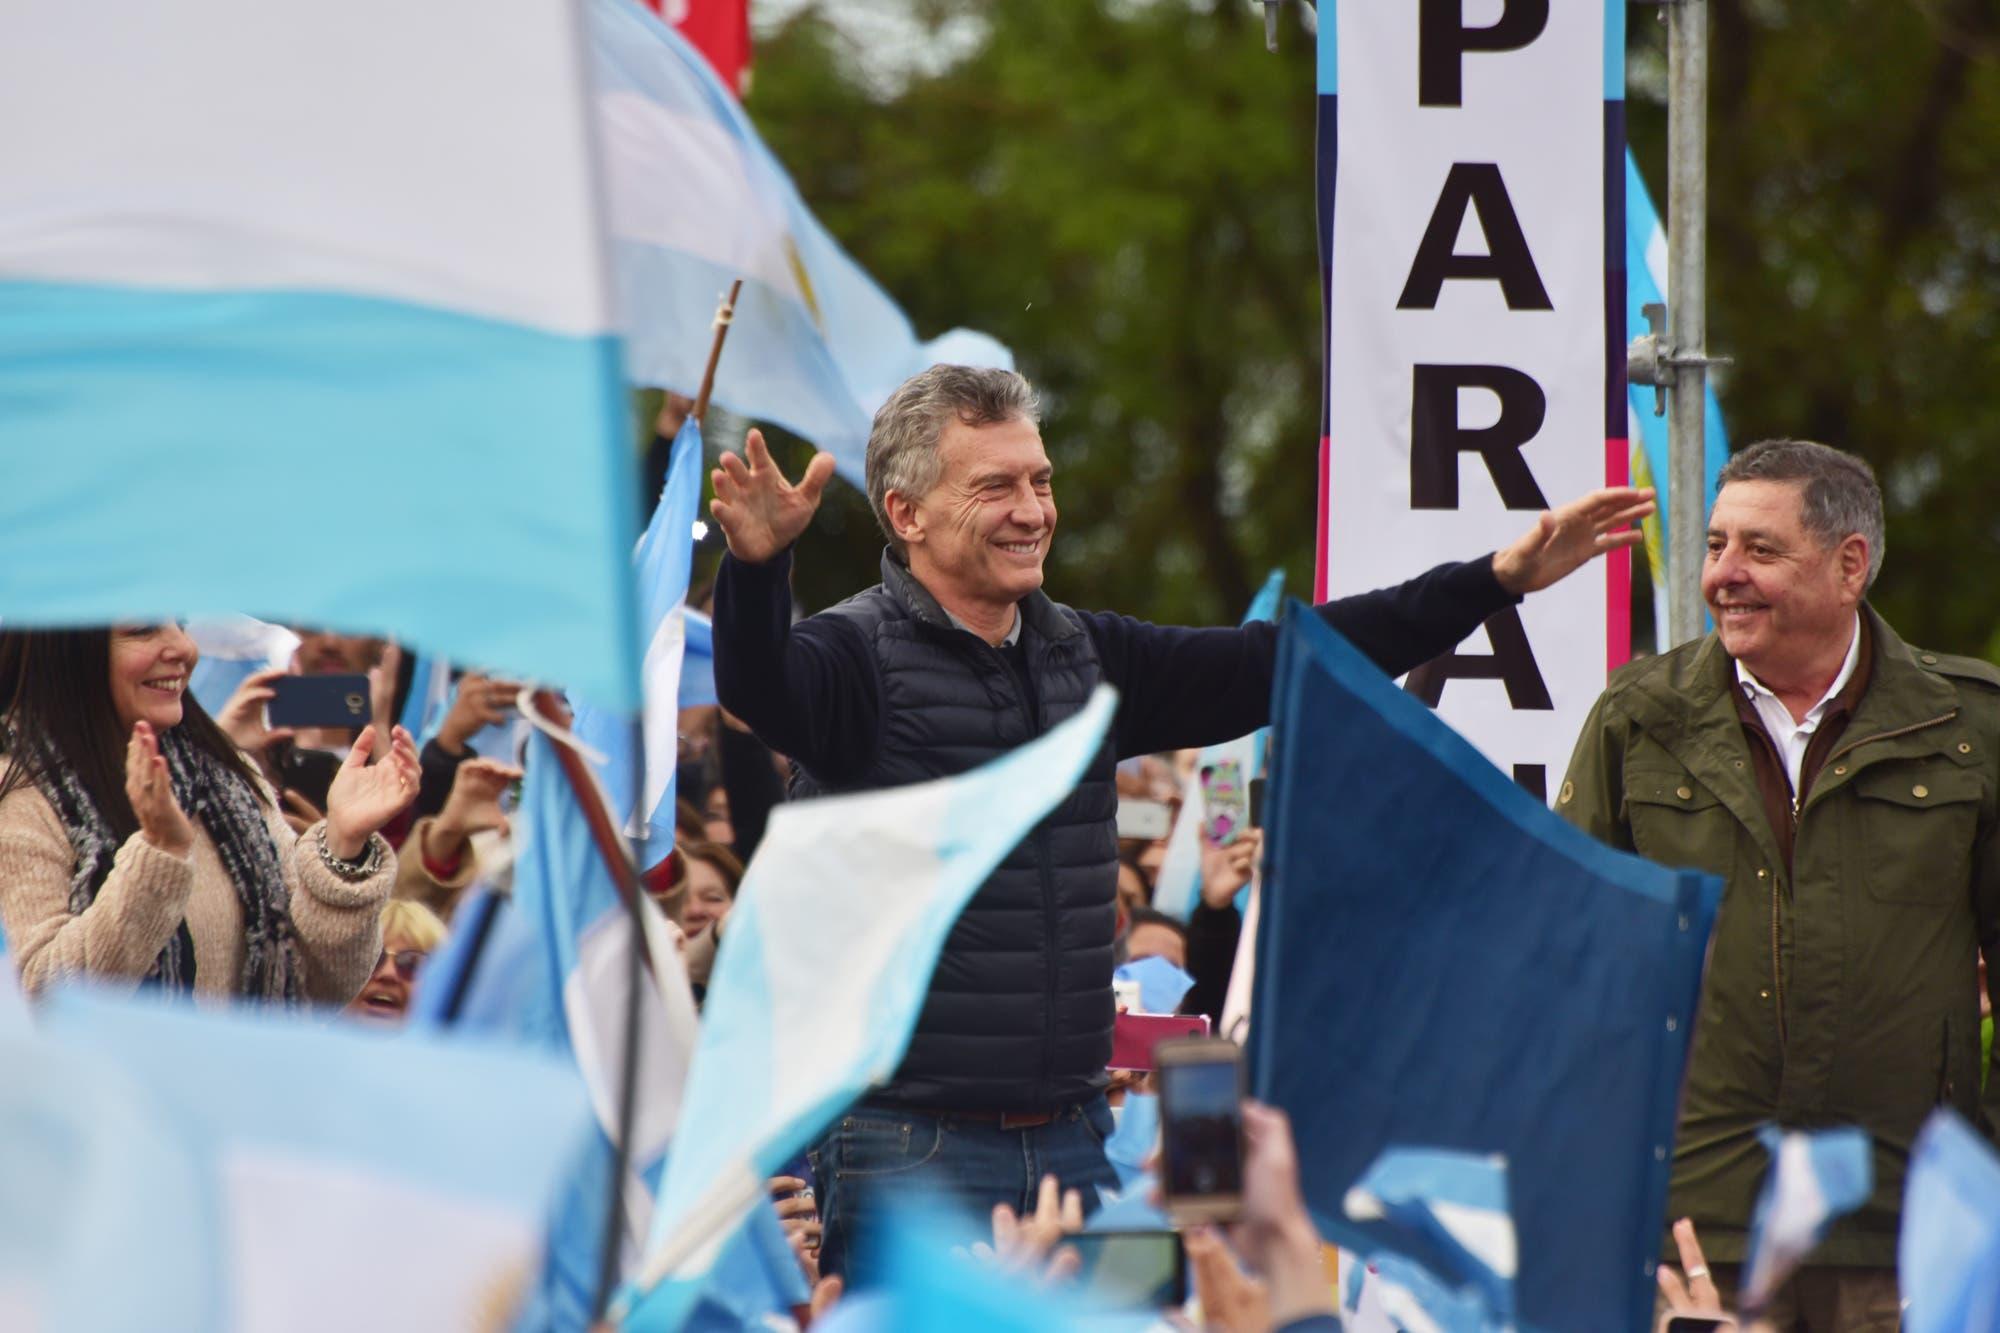 """Macri: """"Yo no les digo desde ningún atril lo que tienen que pensar"""", los dejo vivir con libertad"""""""